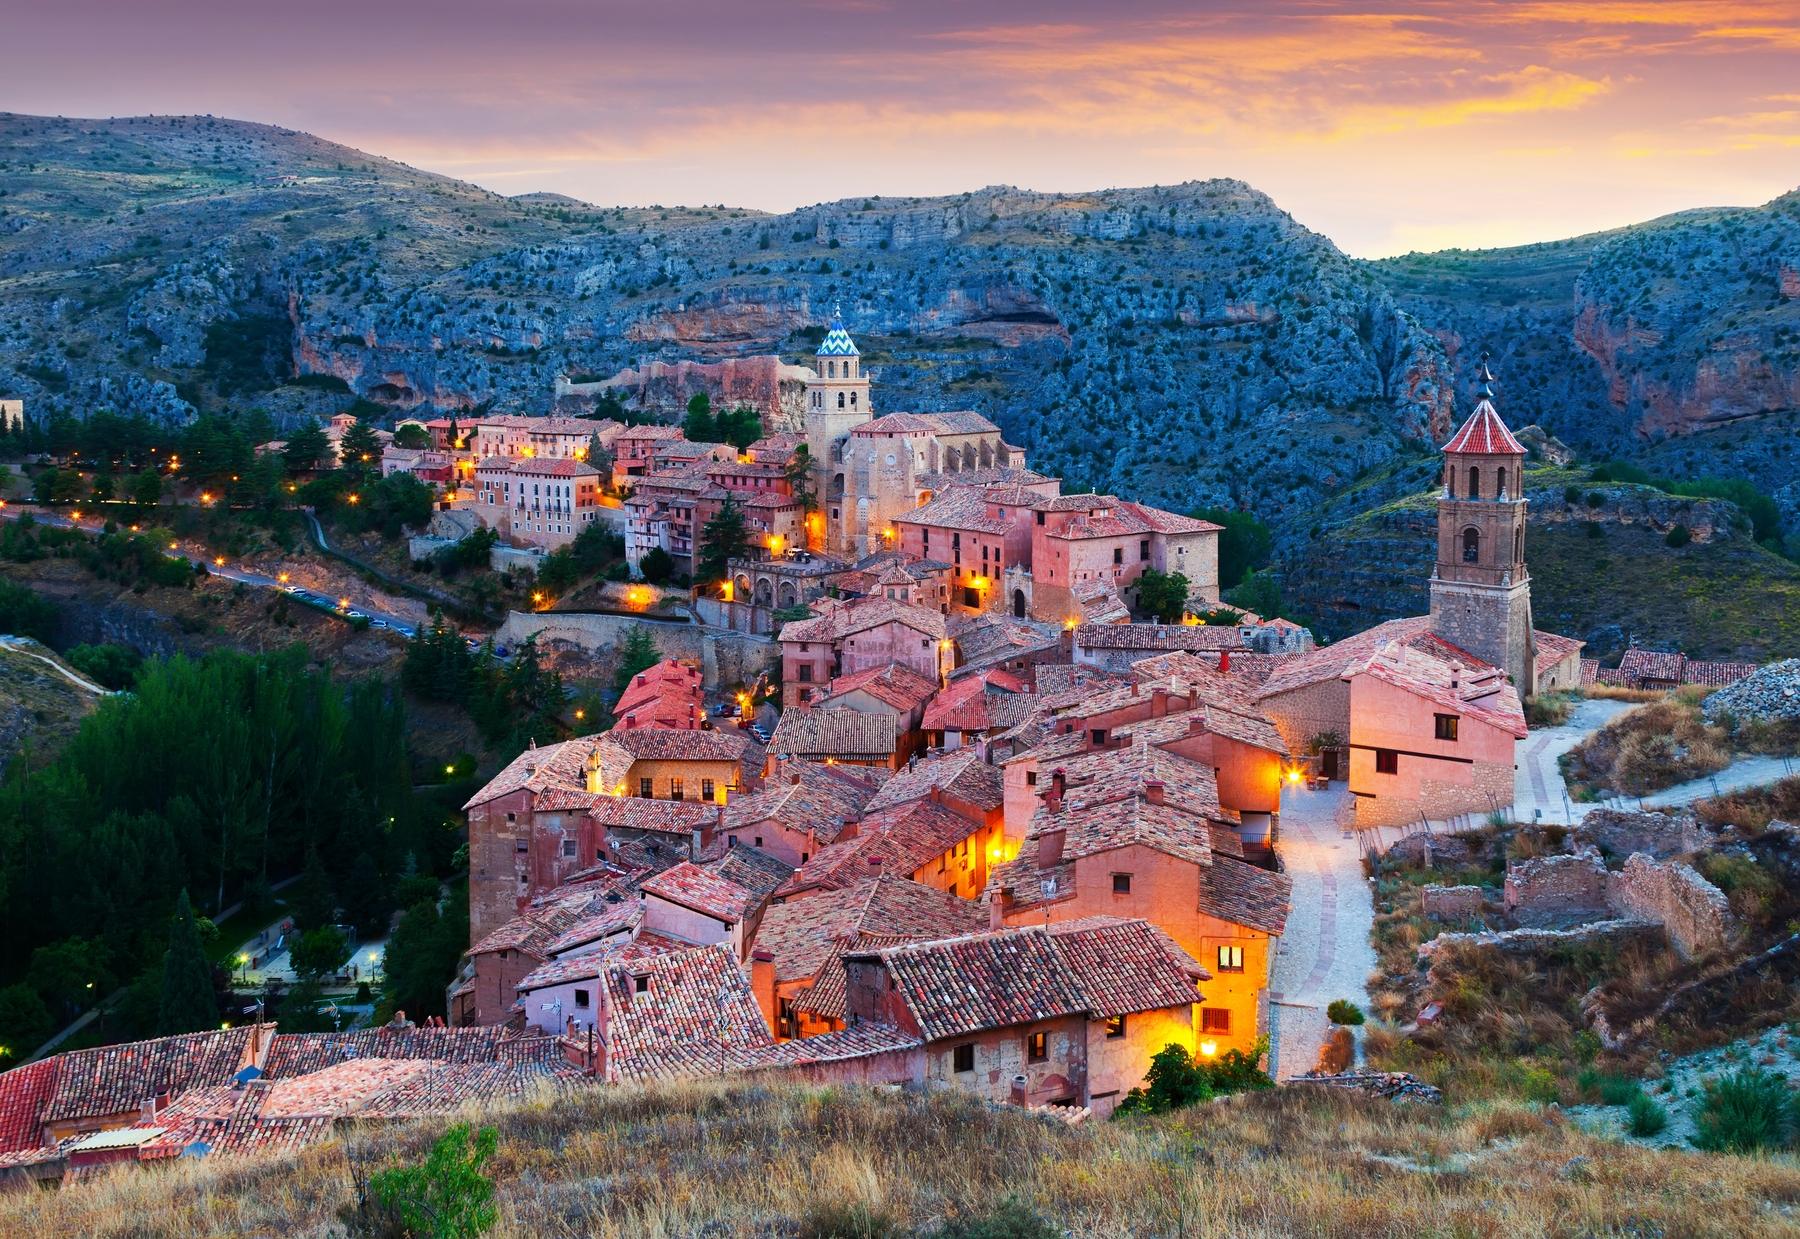 panorámica de albarracín, uno de los pueblos más bonitos de españa